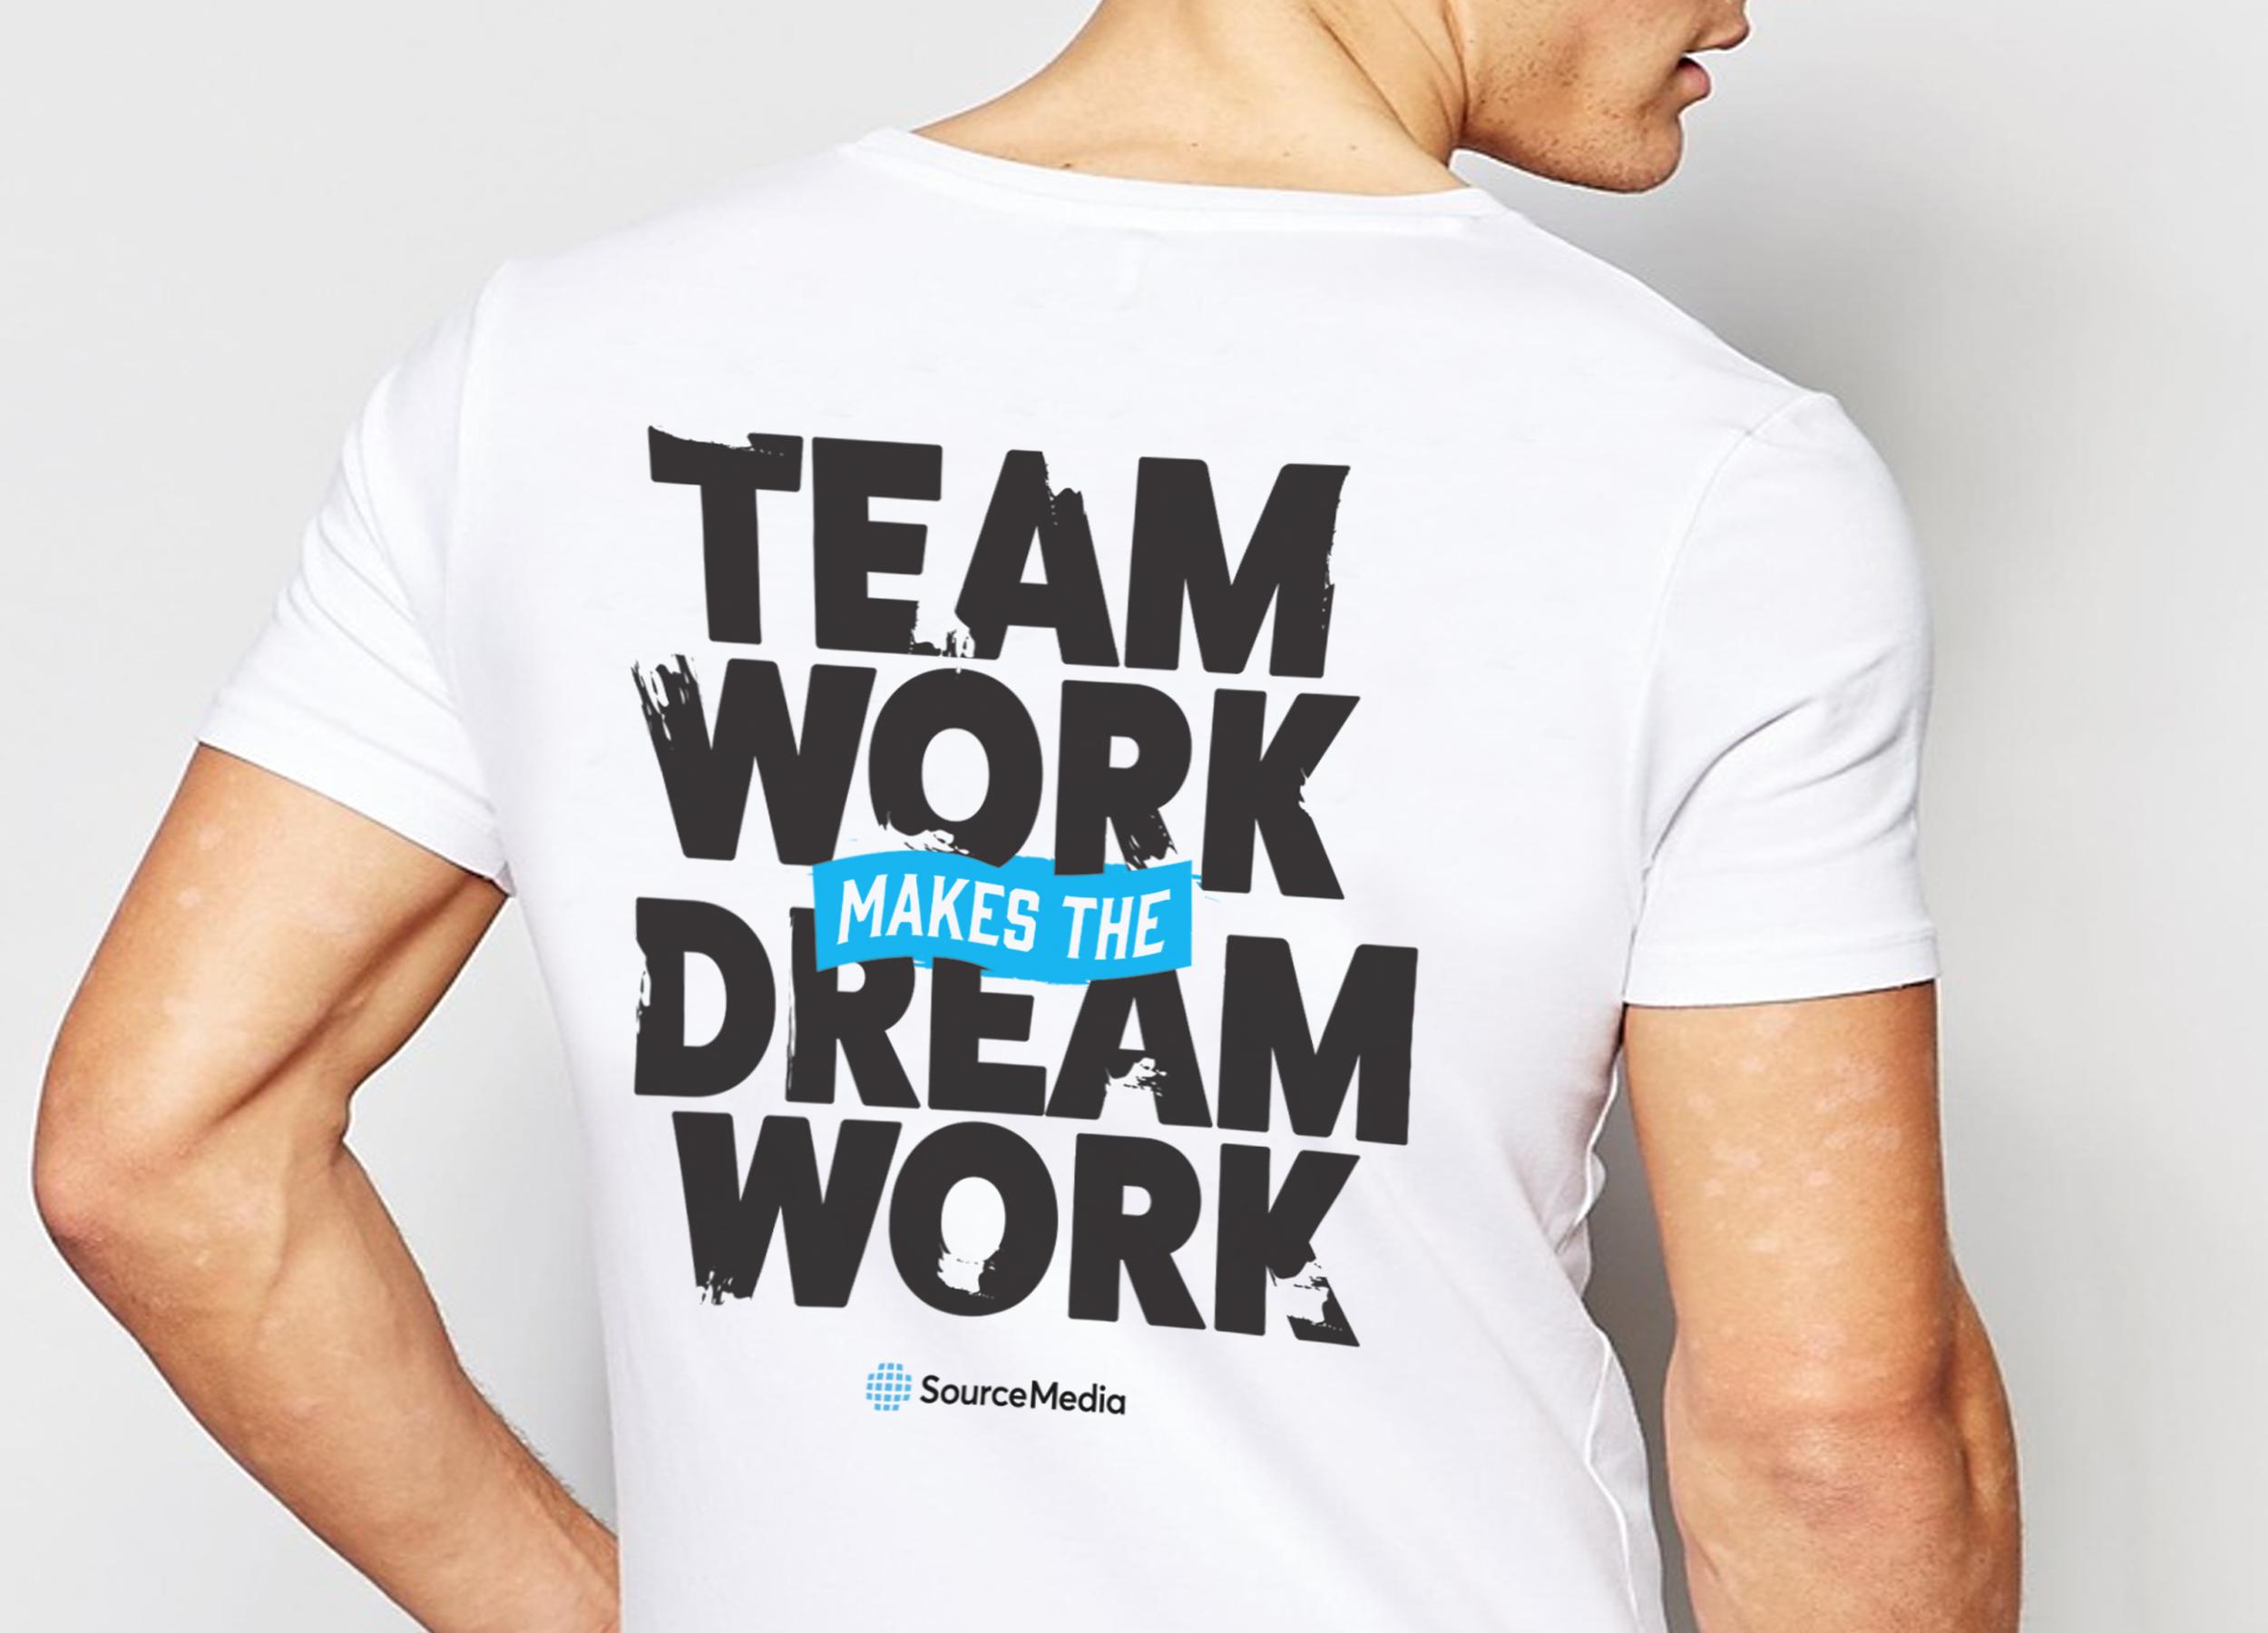 SourceMedia / T-Shirt Design